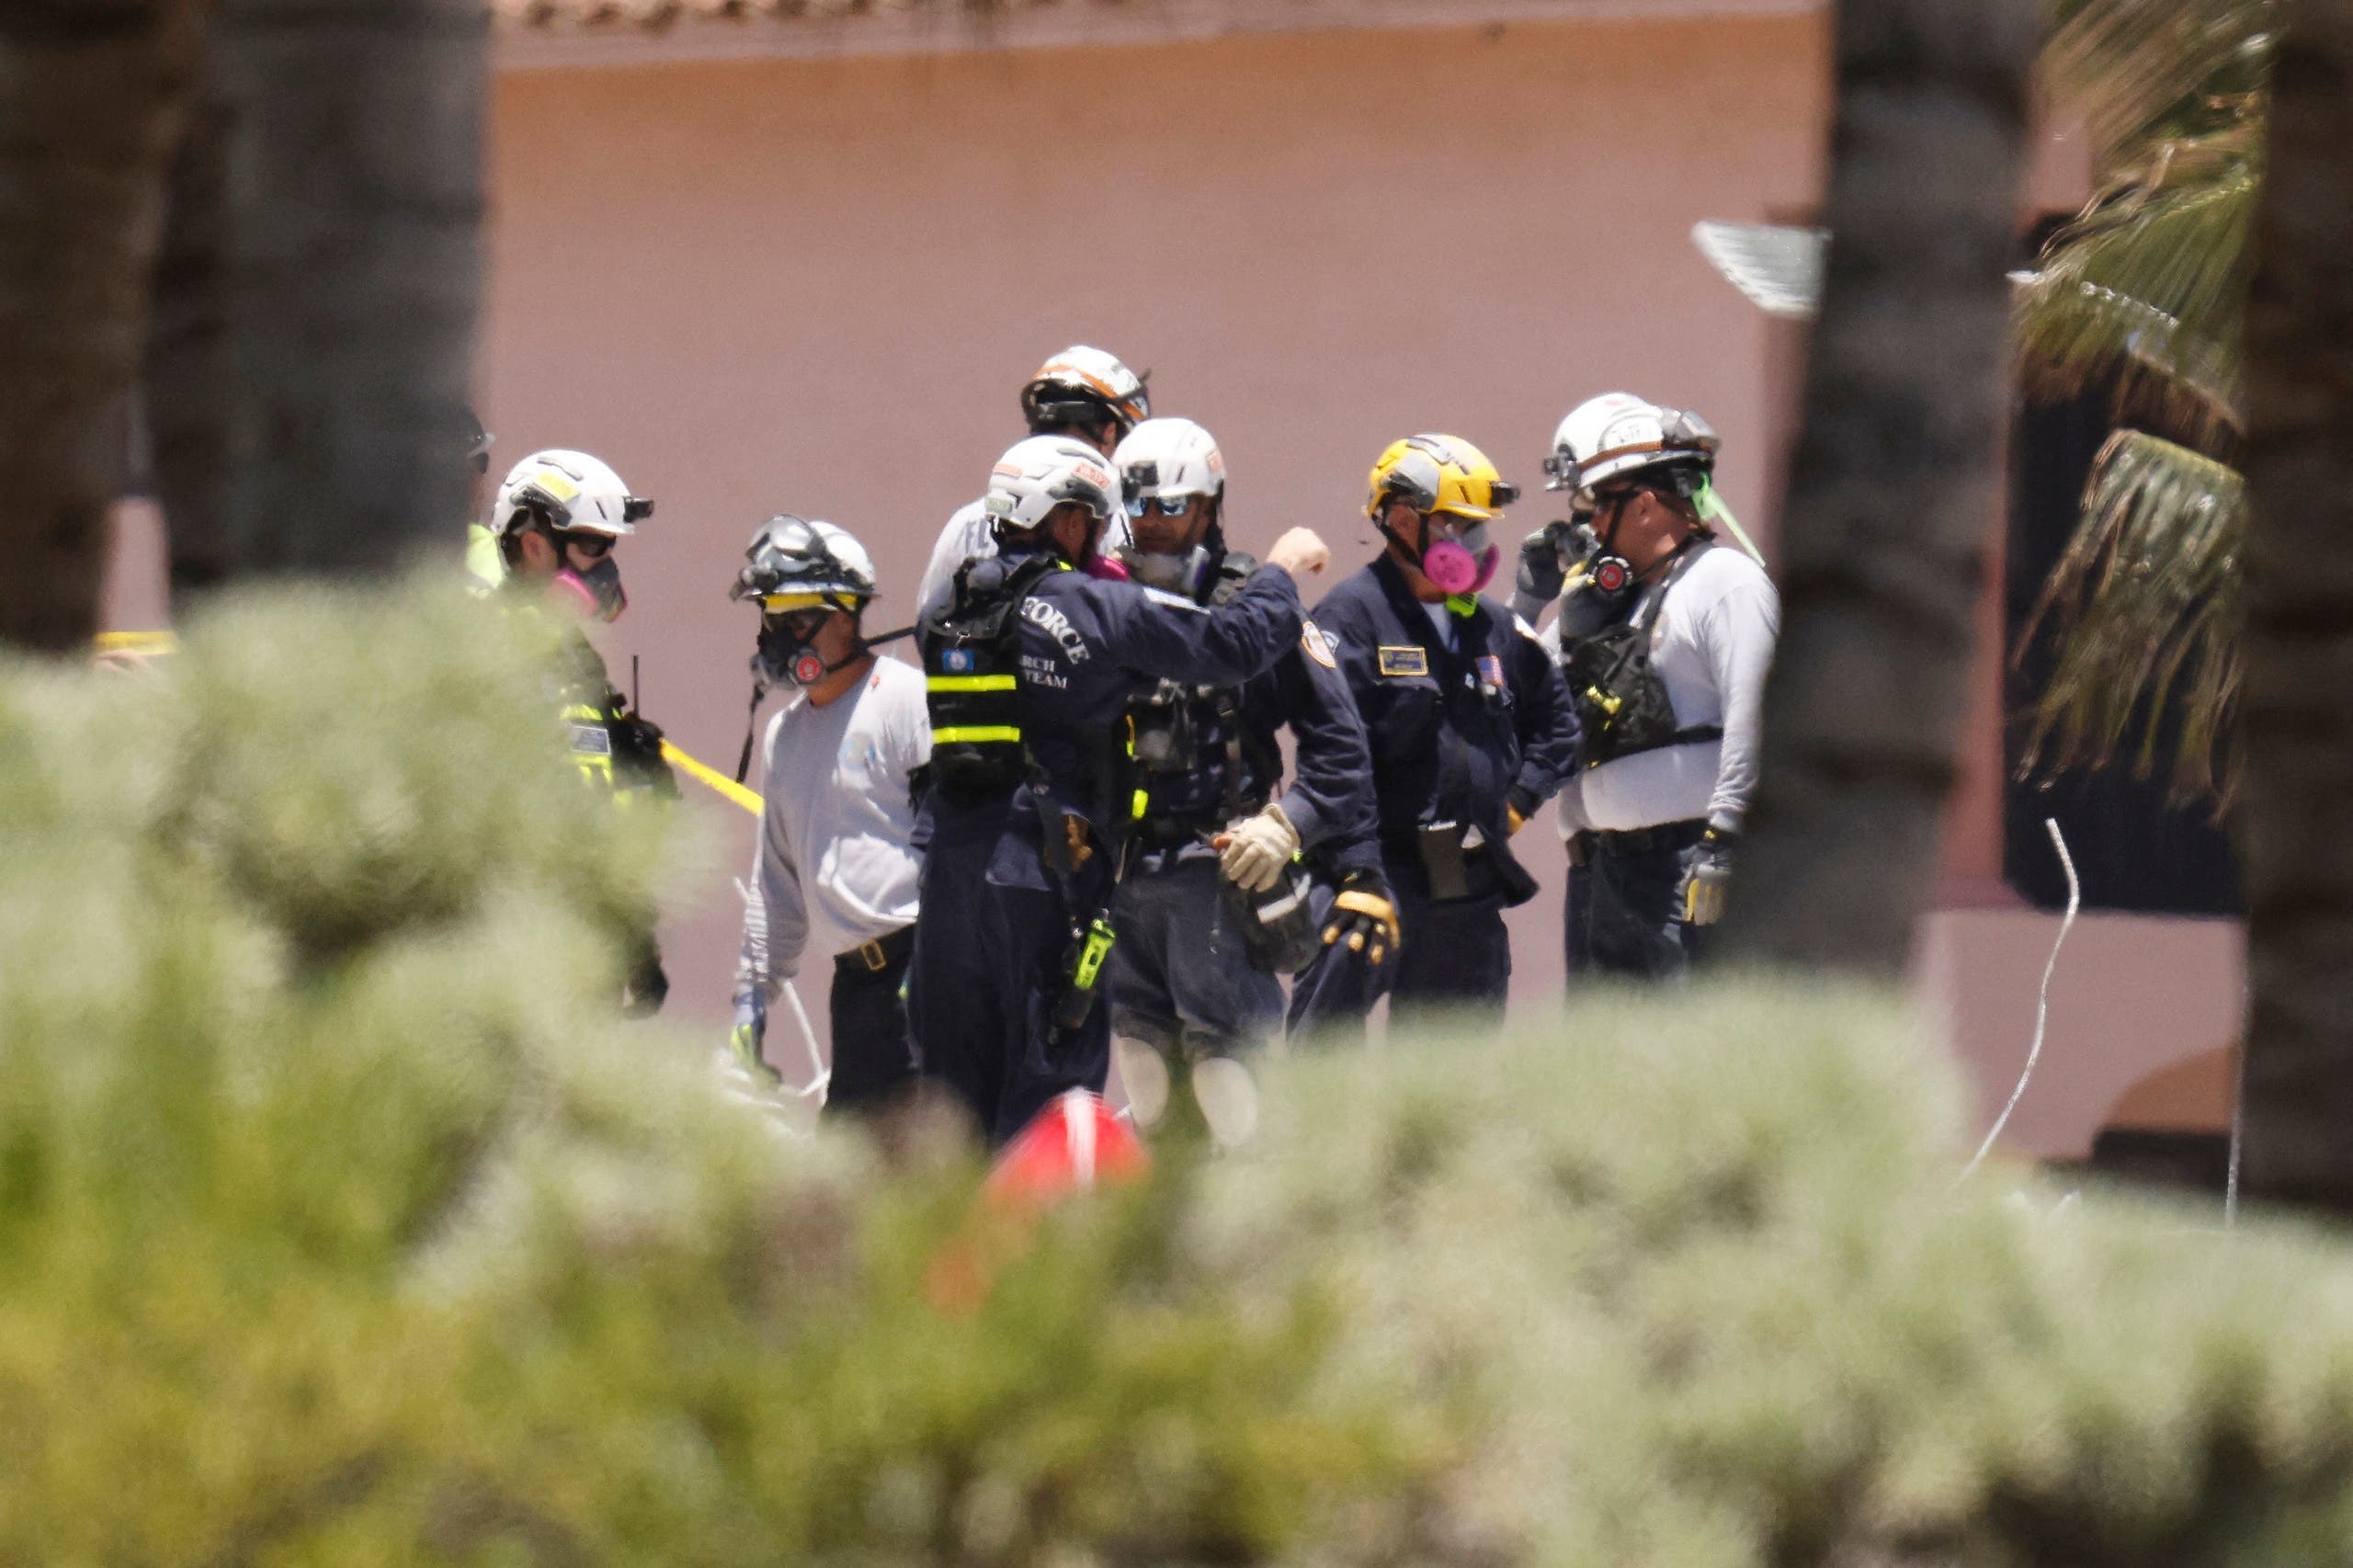 فرق الإنقاذ تبحث عن الضحايا بين أنقاض المبنى